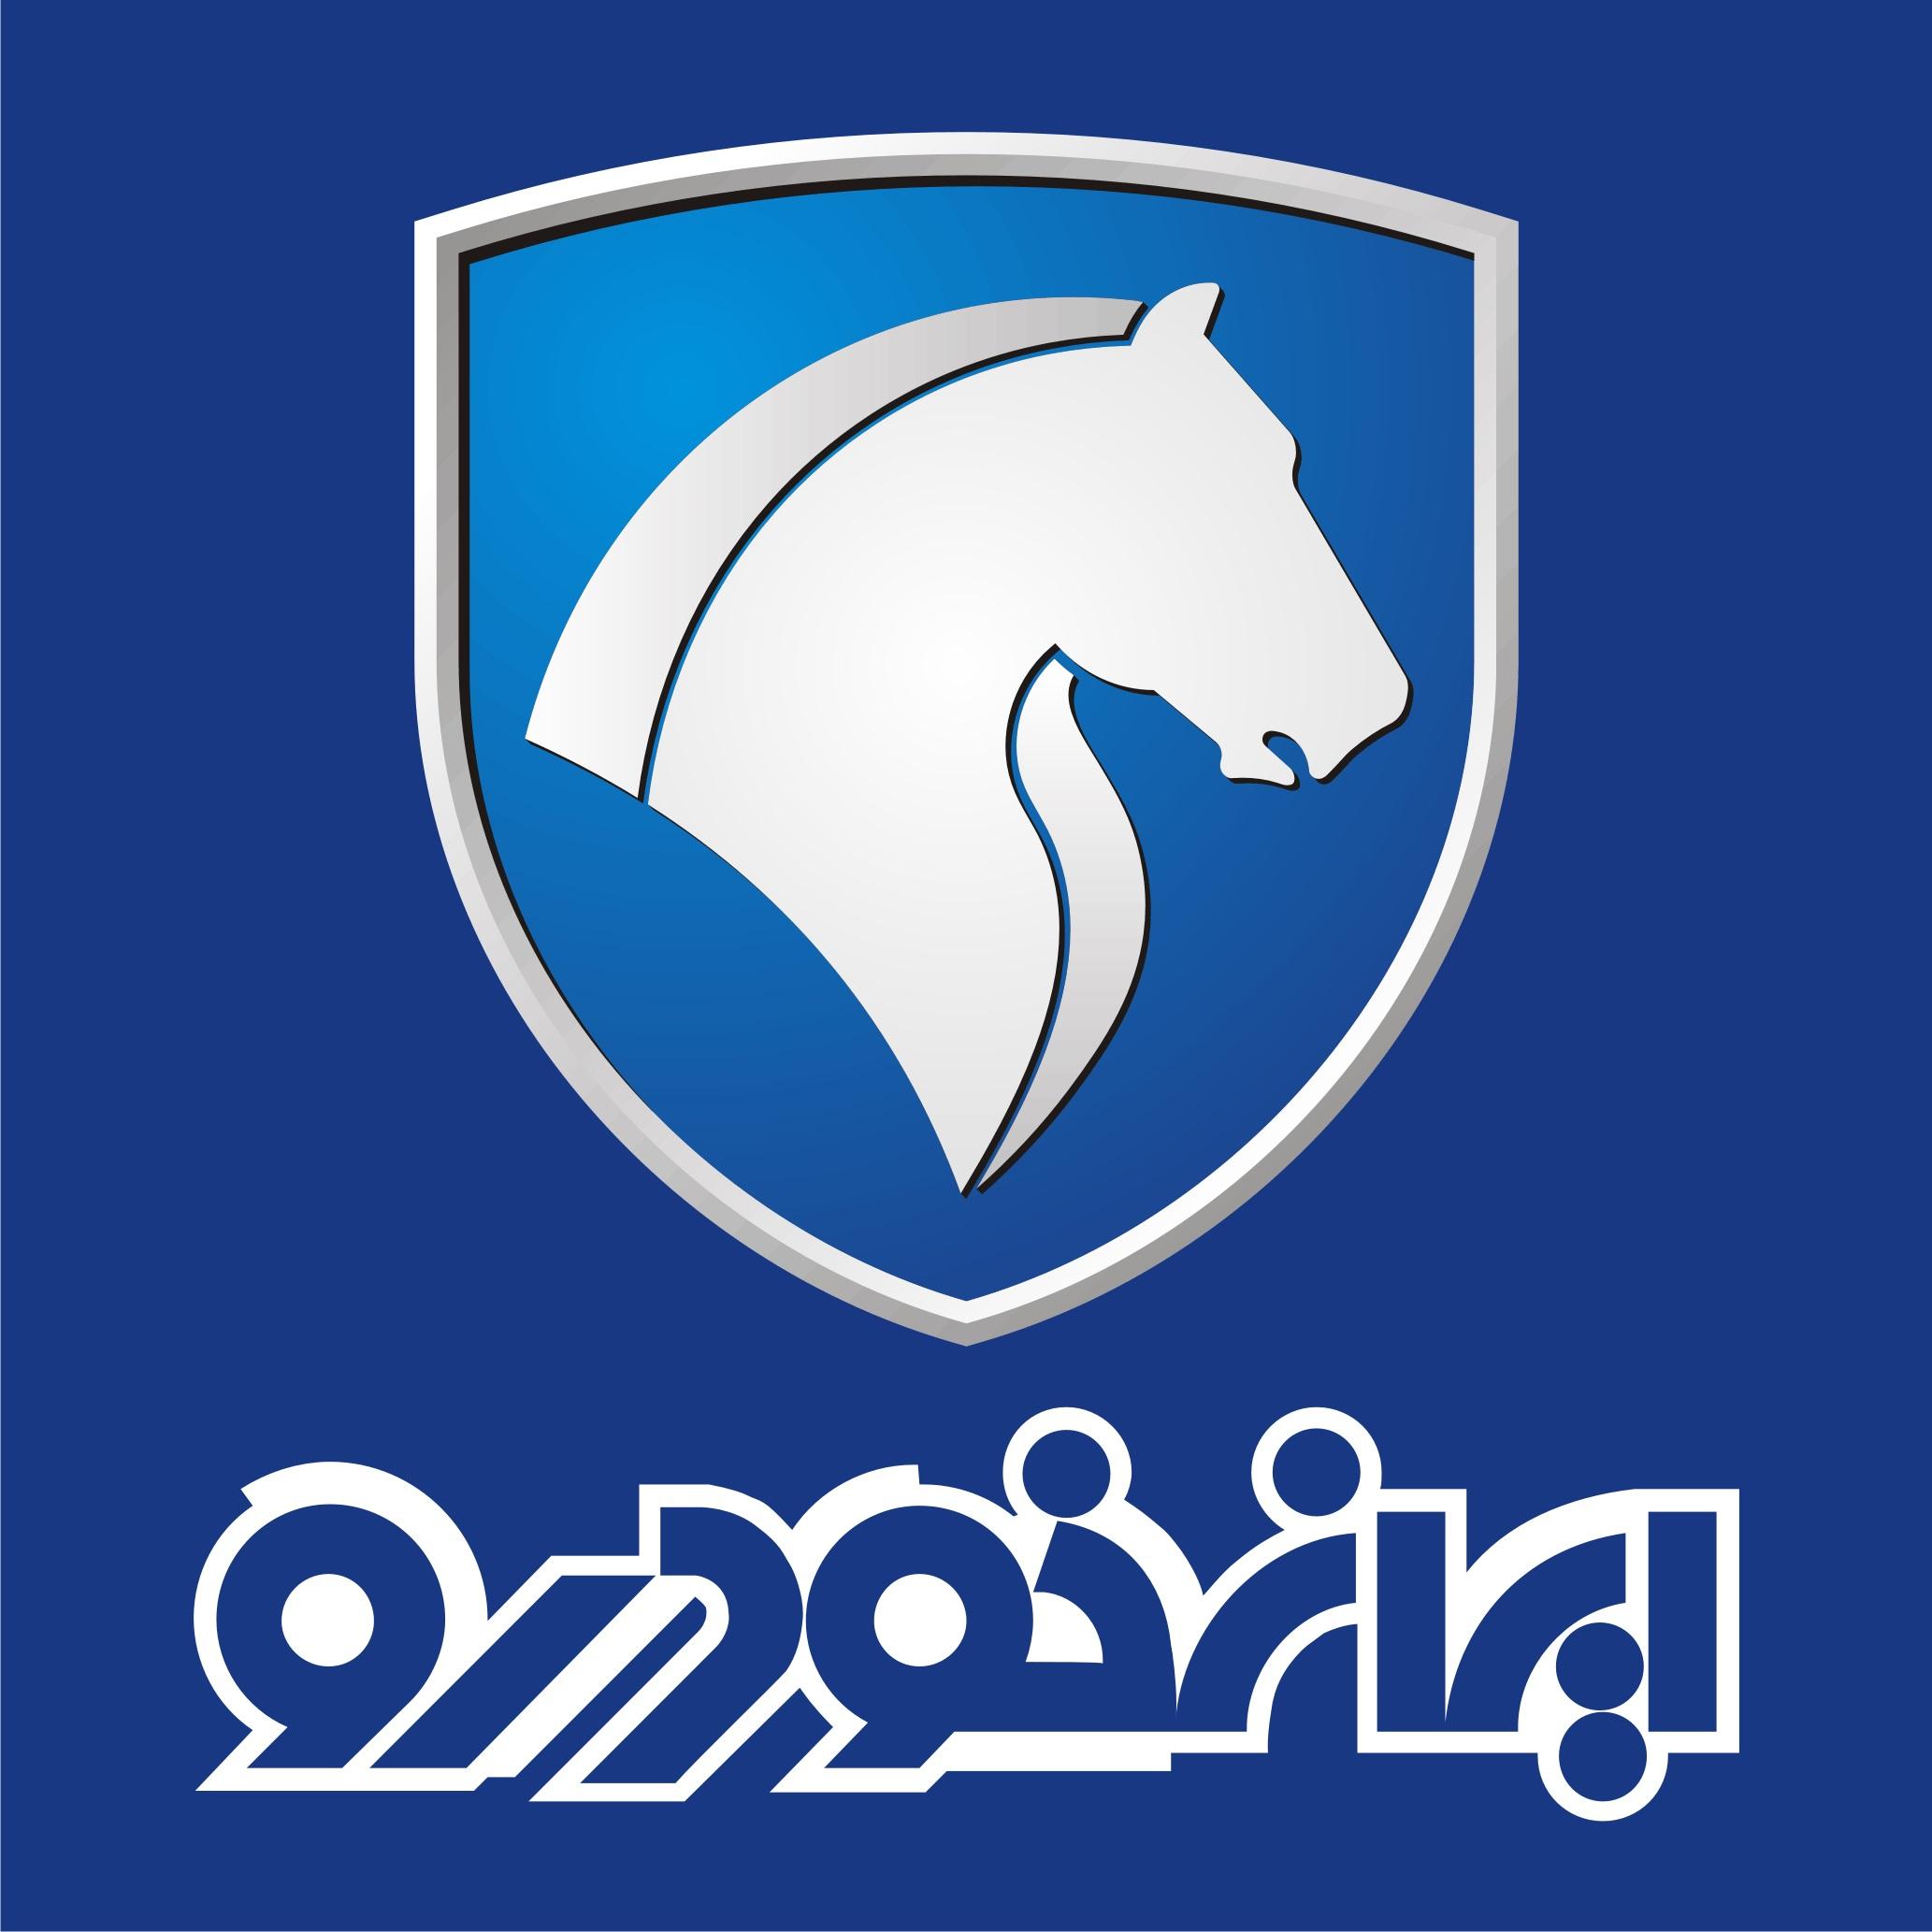 ثبت نام مرحله نهم گروه صنعتی ایران خودرو   IRANKHODRO